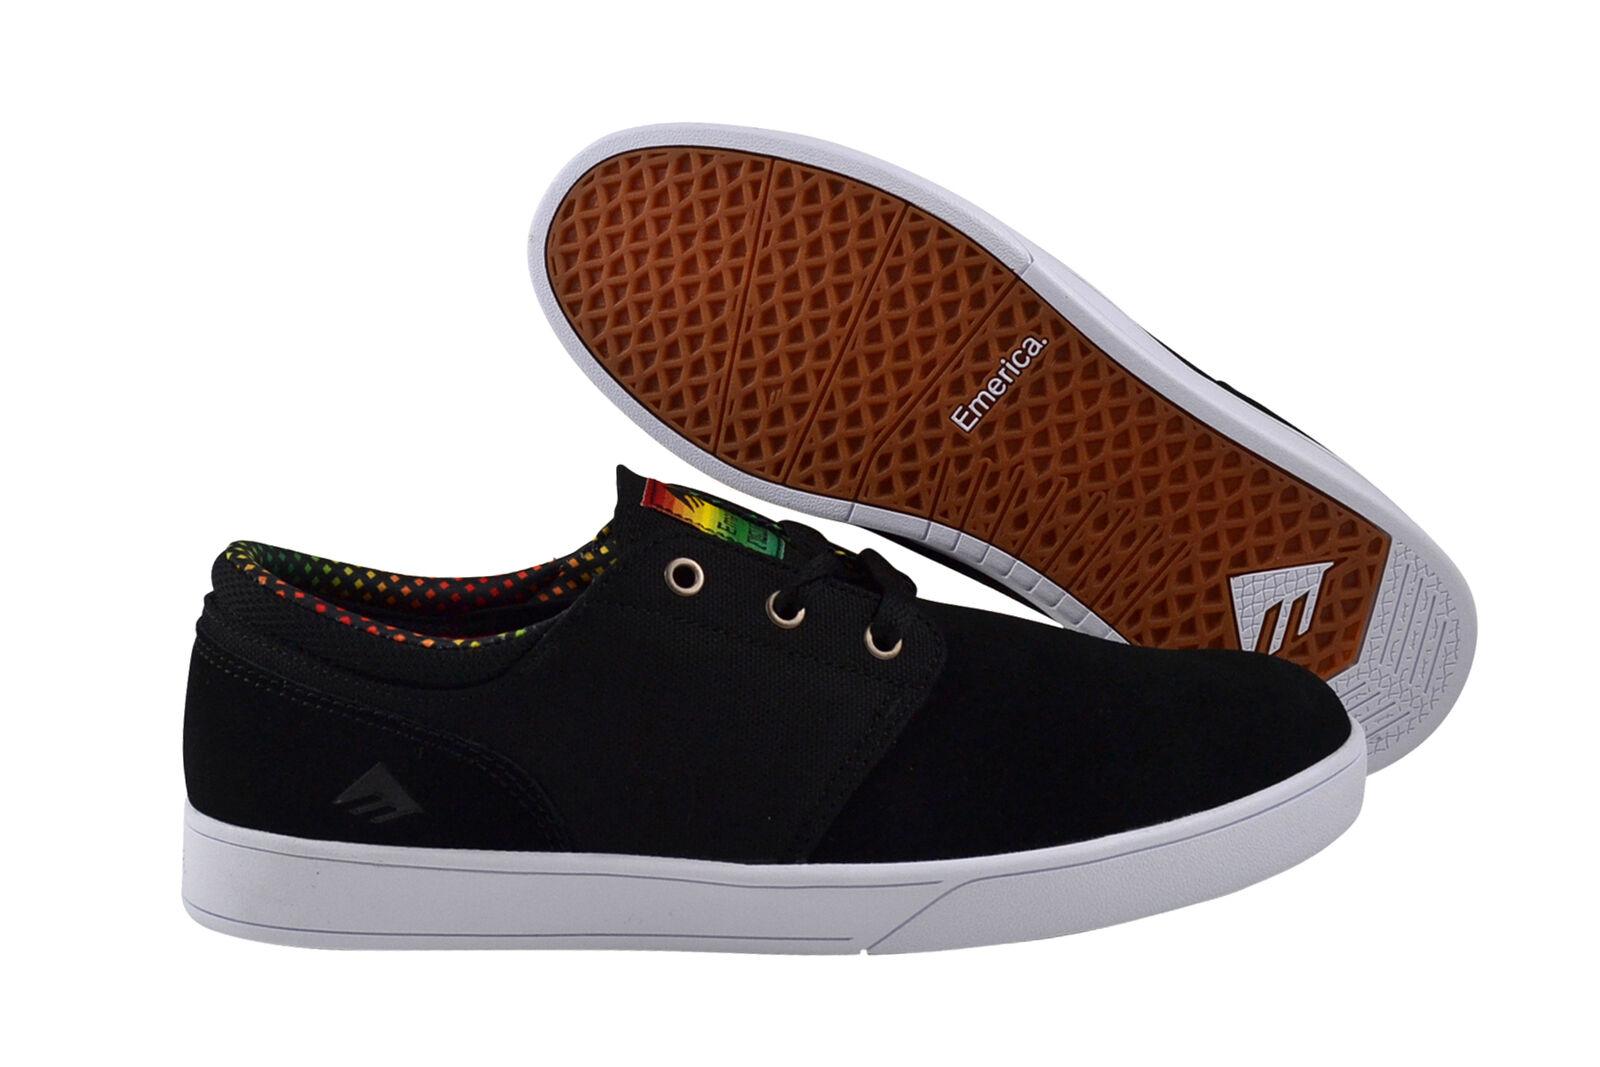 Emerica The Figueroa schwarz Gelb schwarz Turnschuhe Schuhe Schuhe Schuhe schwarz  | Verrückter Preis, Birmingham  85f326